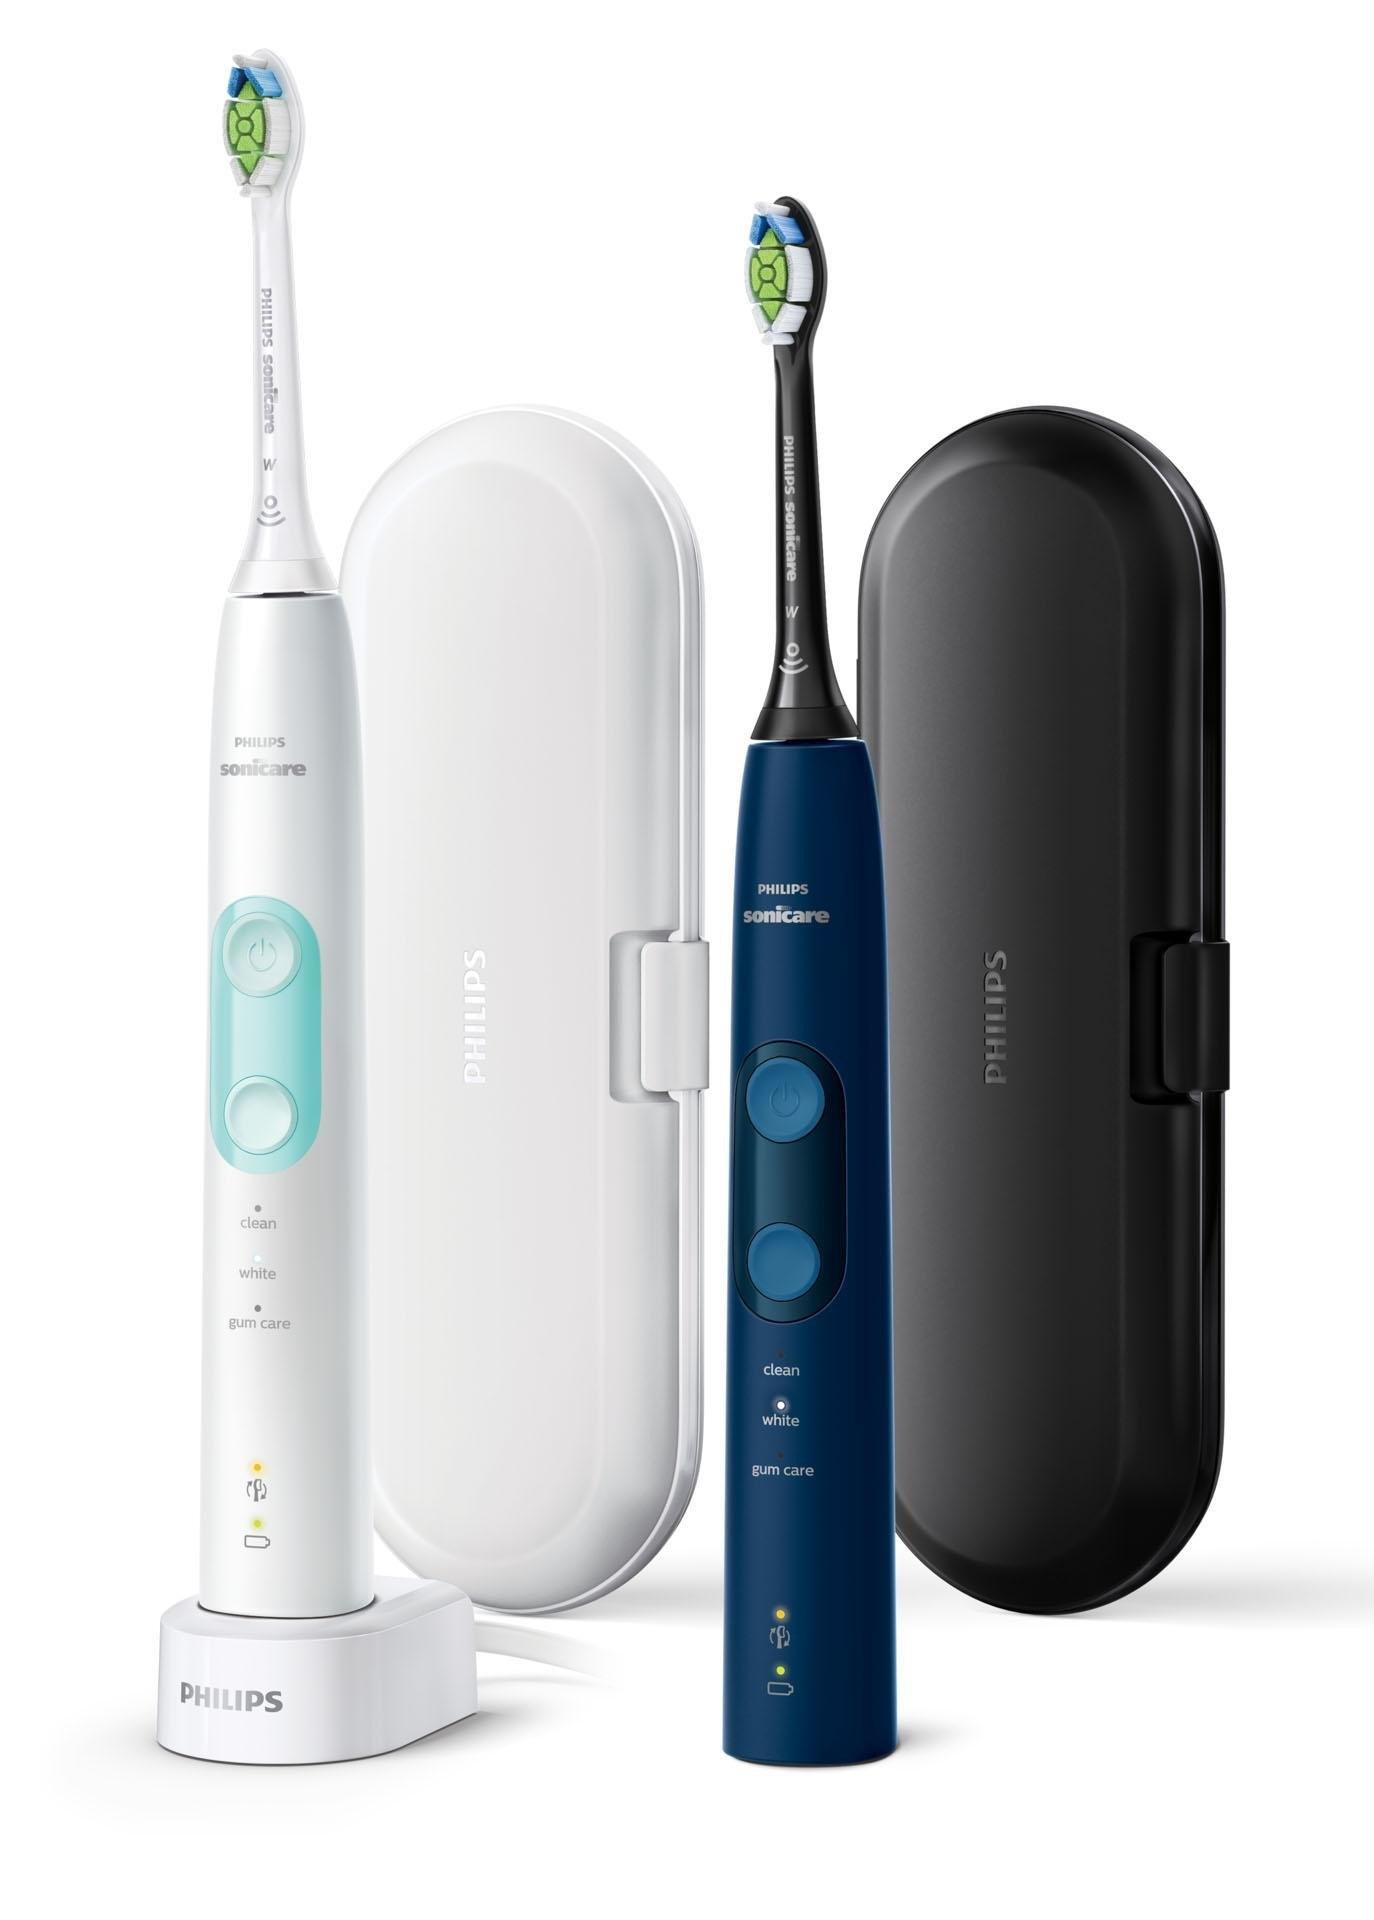 Philips Sonicare elektrische tandenborstel HX6851/34 ProtectiveClean 5100, ultrasone tandenborstel, 3 poetsprogramma's, inclusief 2 reistasje & oplader, wit & blauw (set) veilig op otto.nl kopen